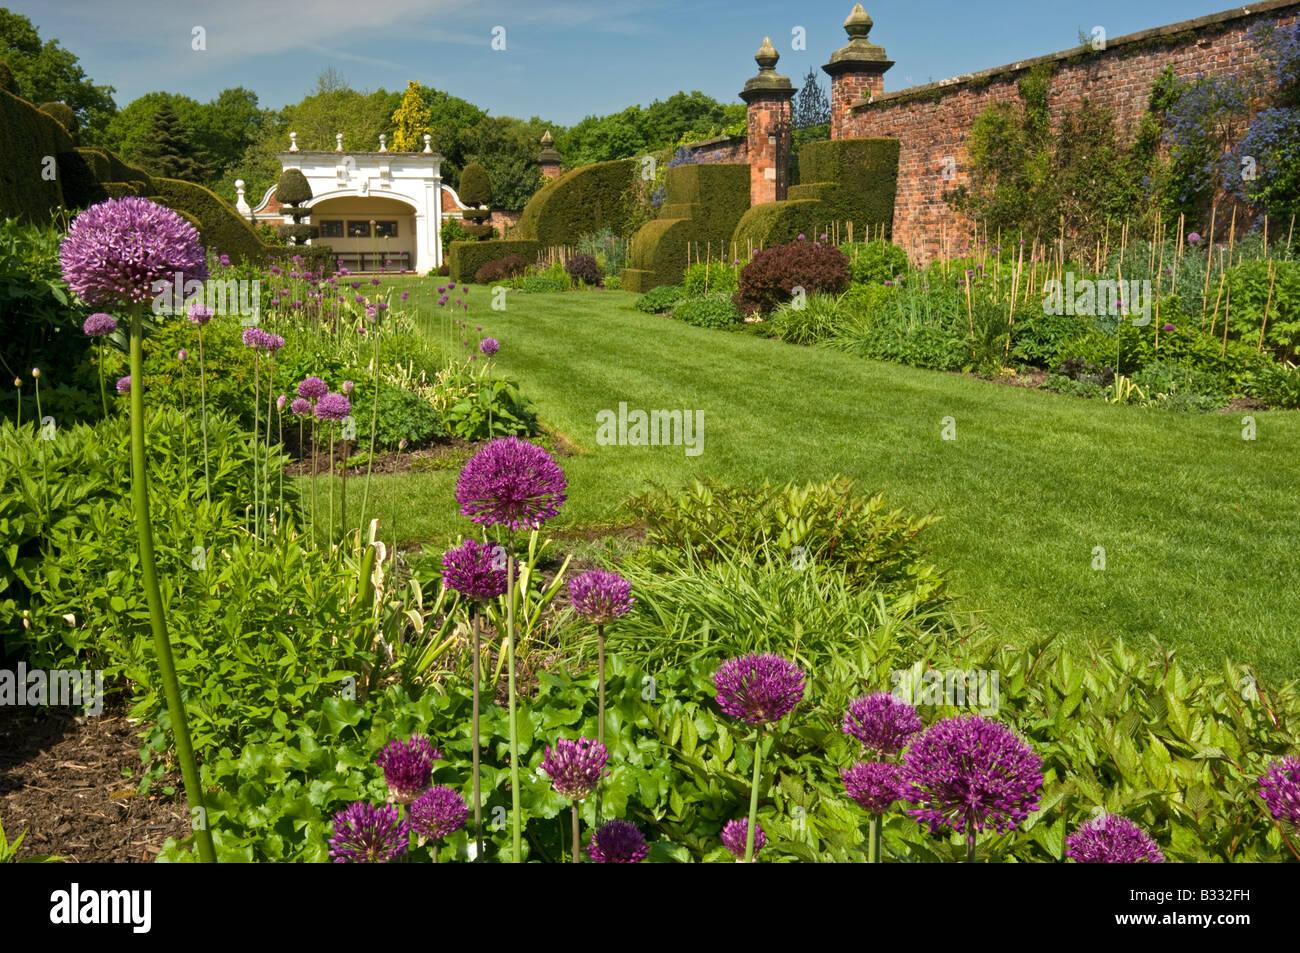 Die Staudenrabatten Arley Hall and Gardens, Arley, Cheshire, England, Vereinigtes Königreich Stockbild